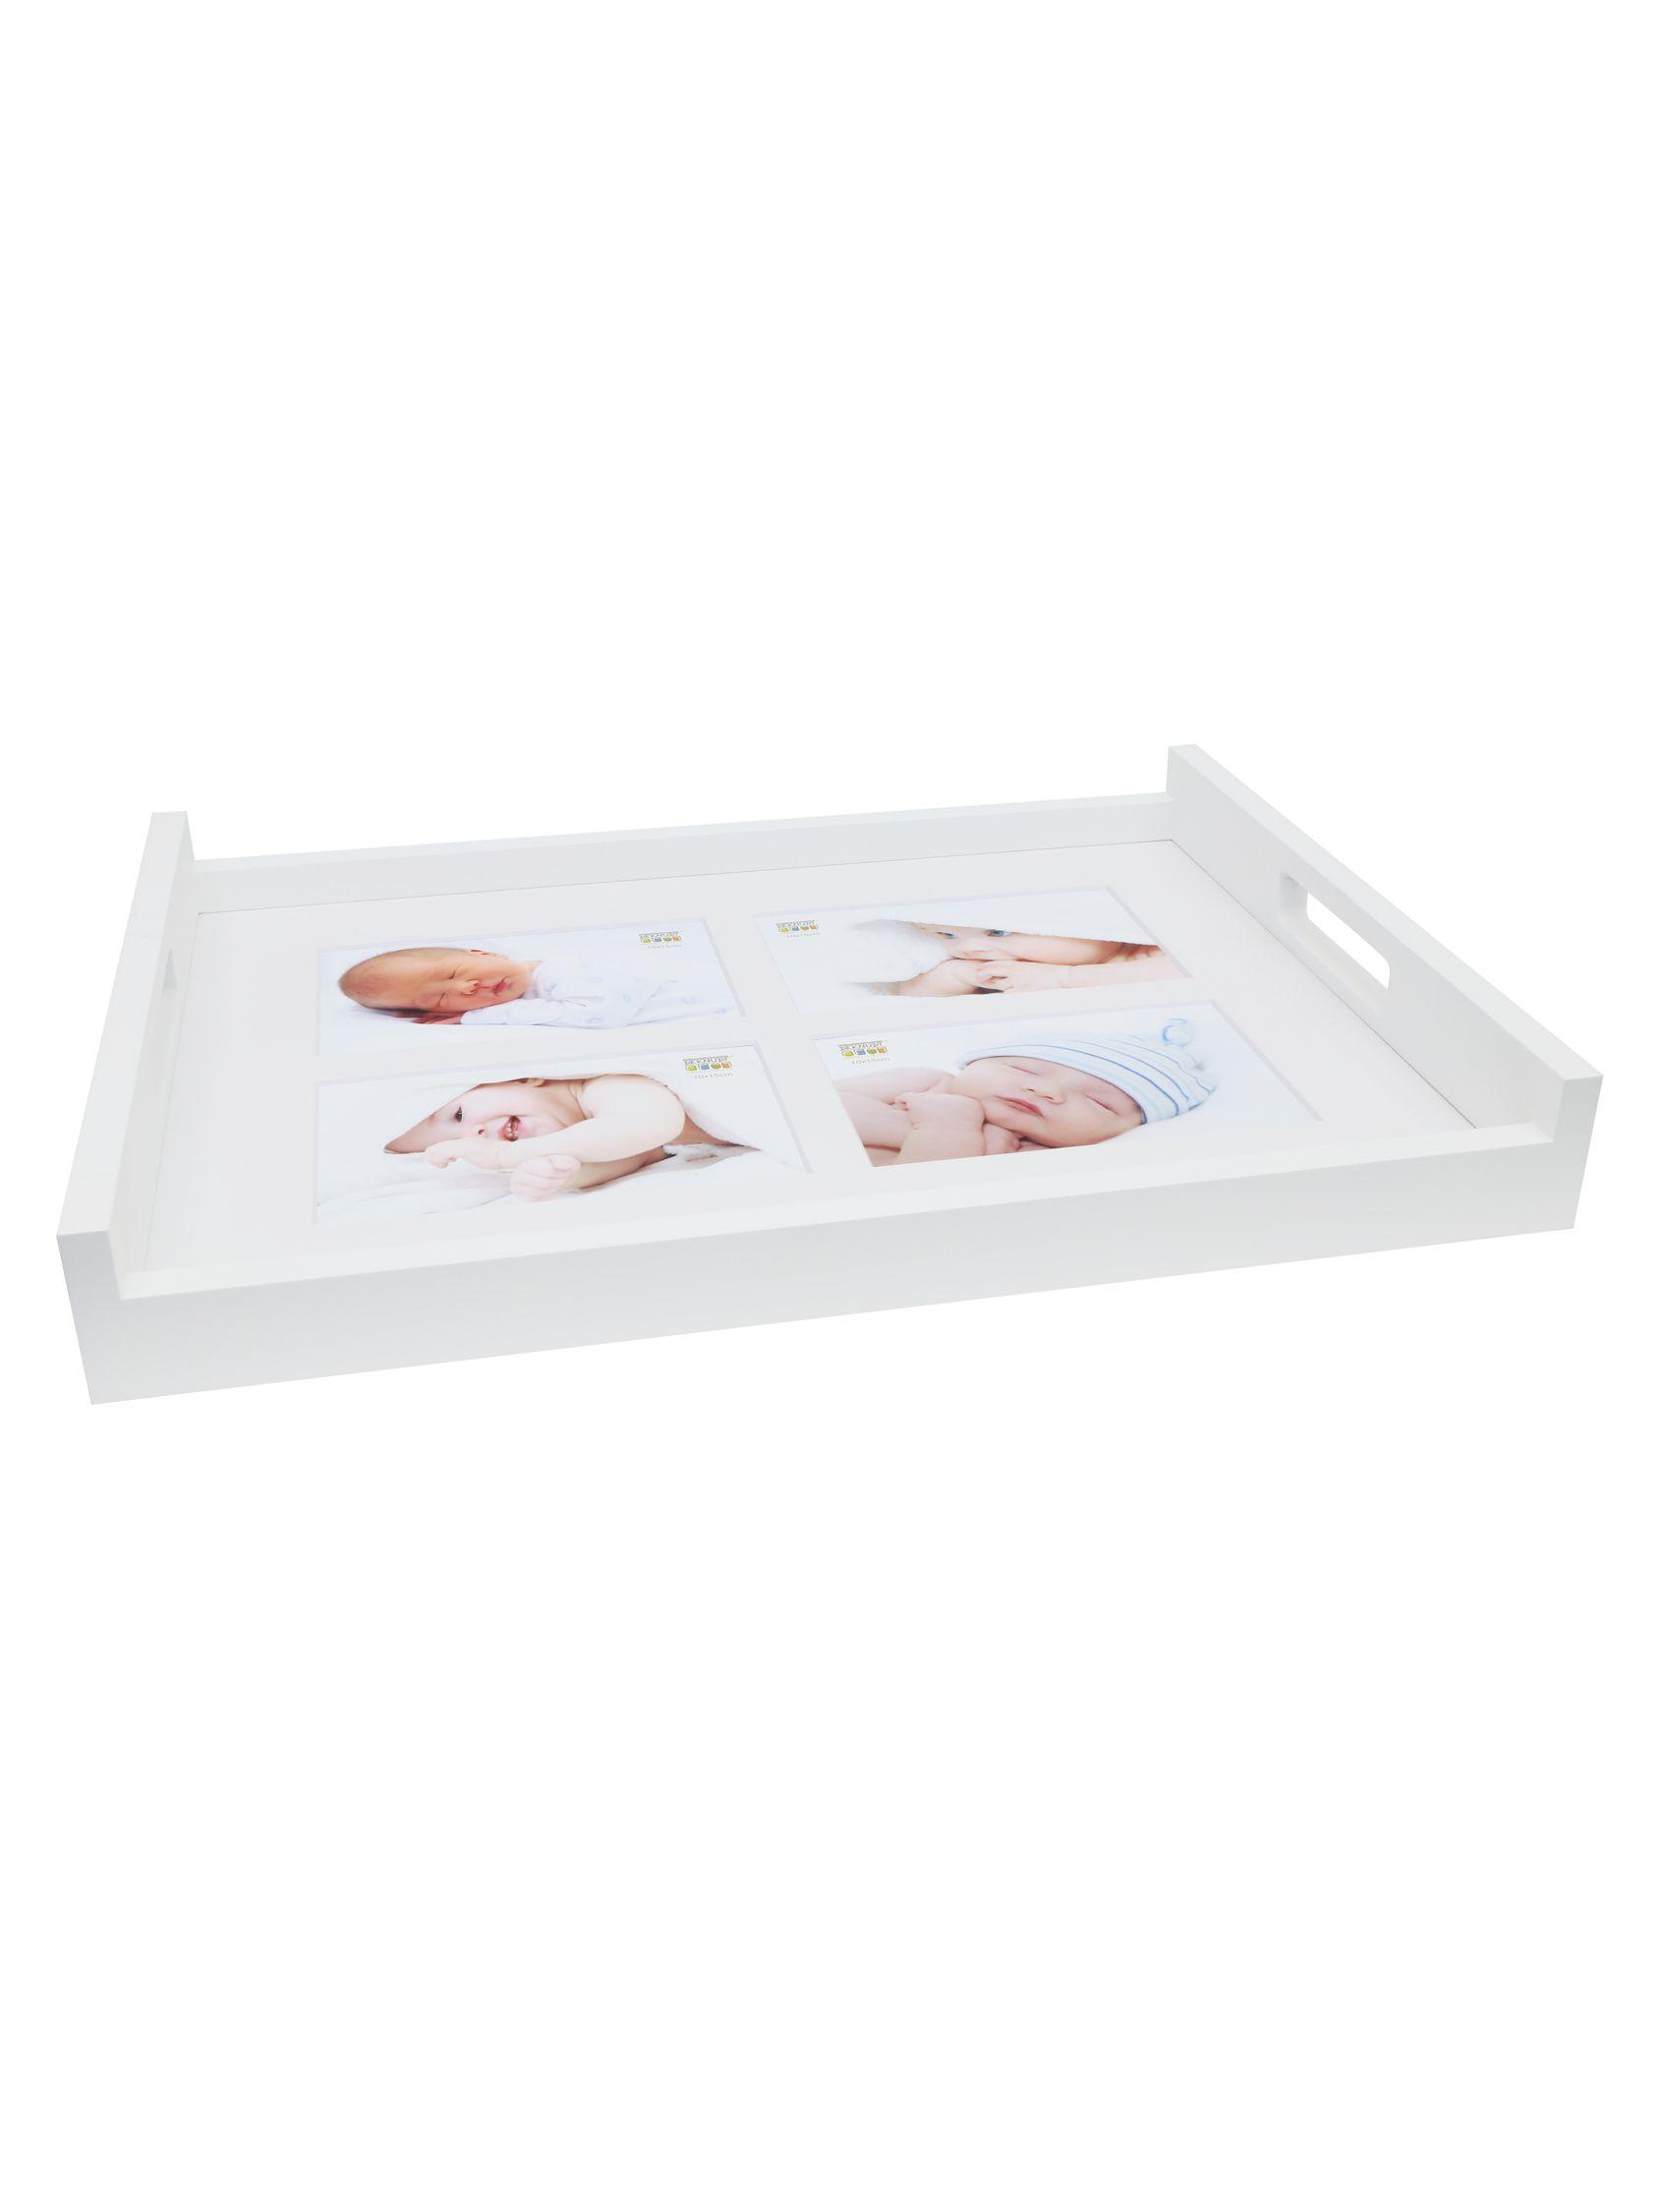 Dienblad wit, 4x (10x15cm) S65DD1 E4